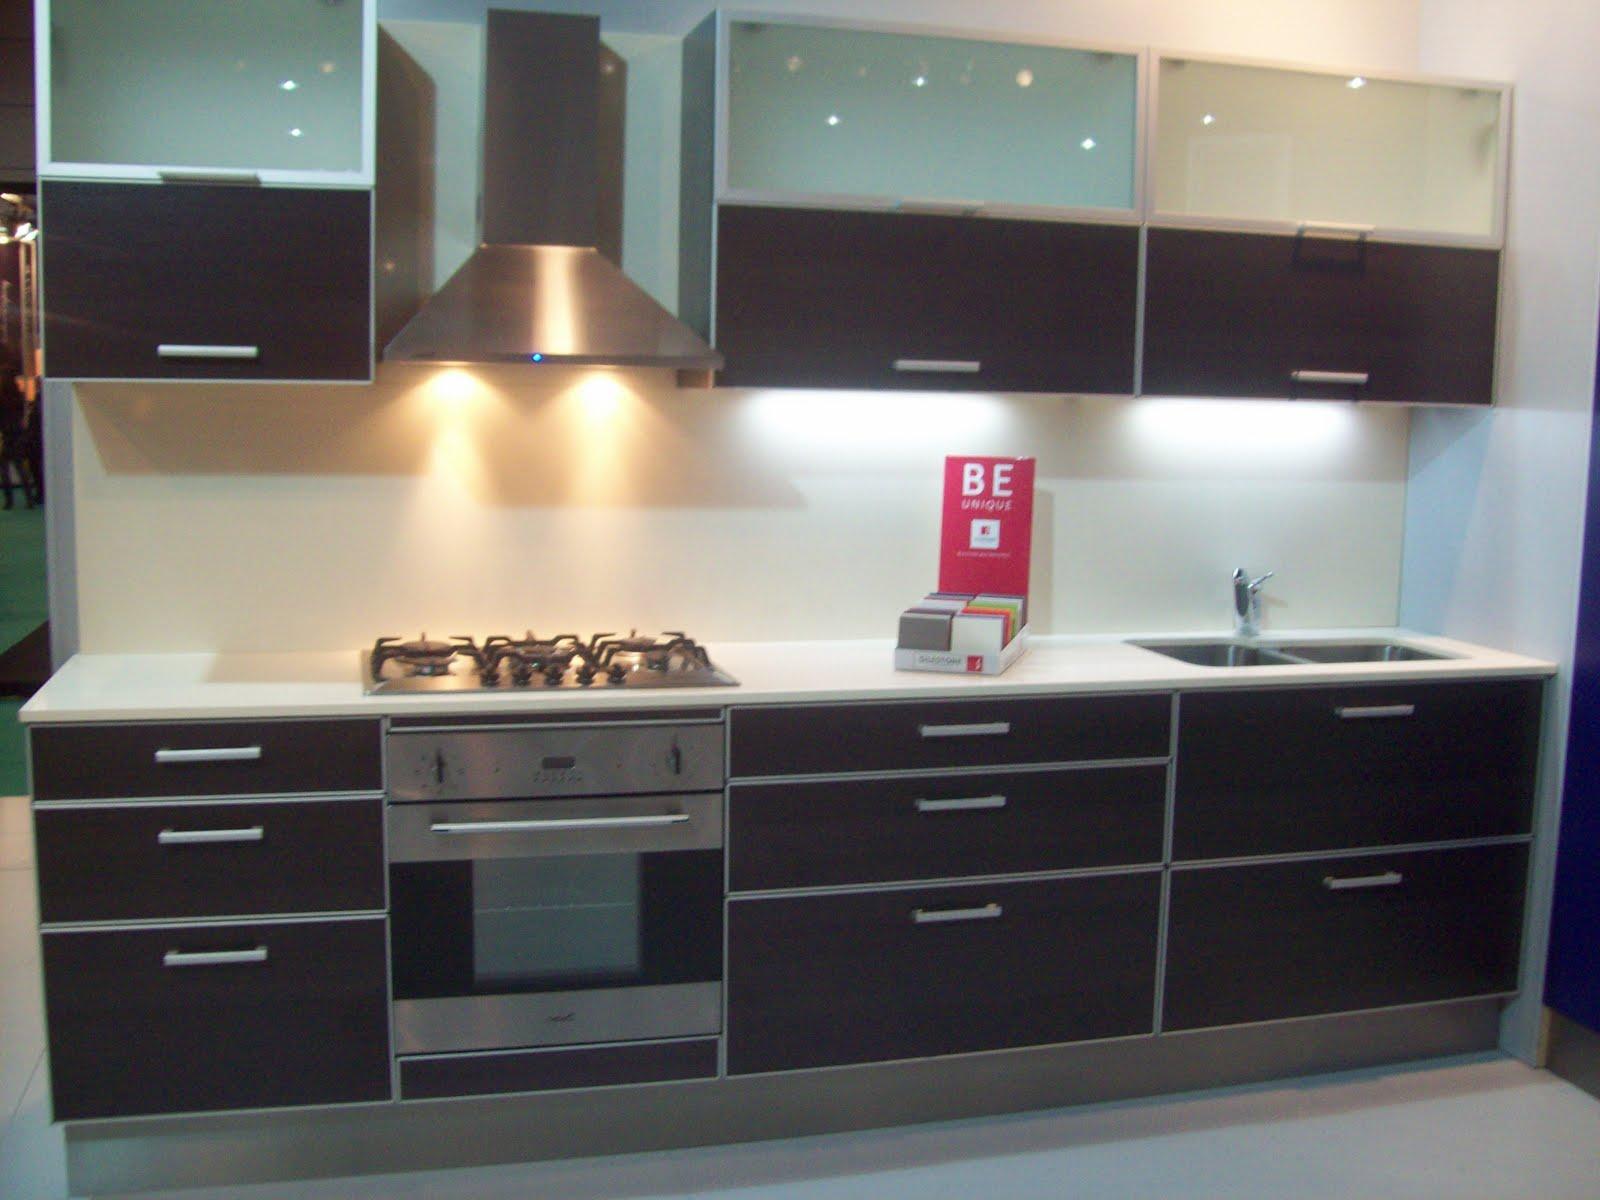 Amoblamiento de cocina muebles a medida mya1047 - Amueblamiento de cocinas ...